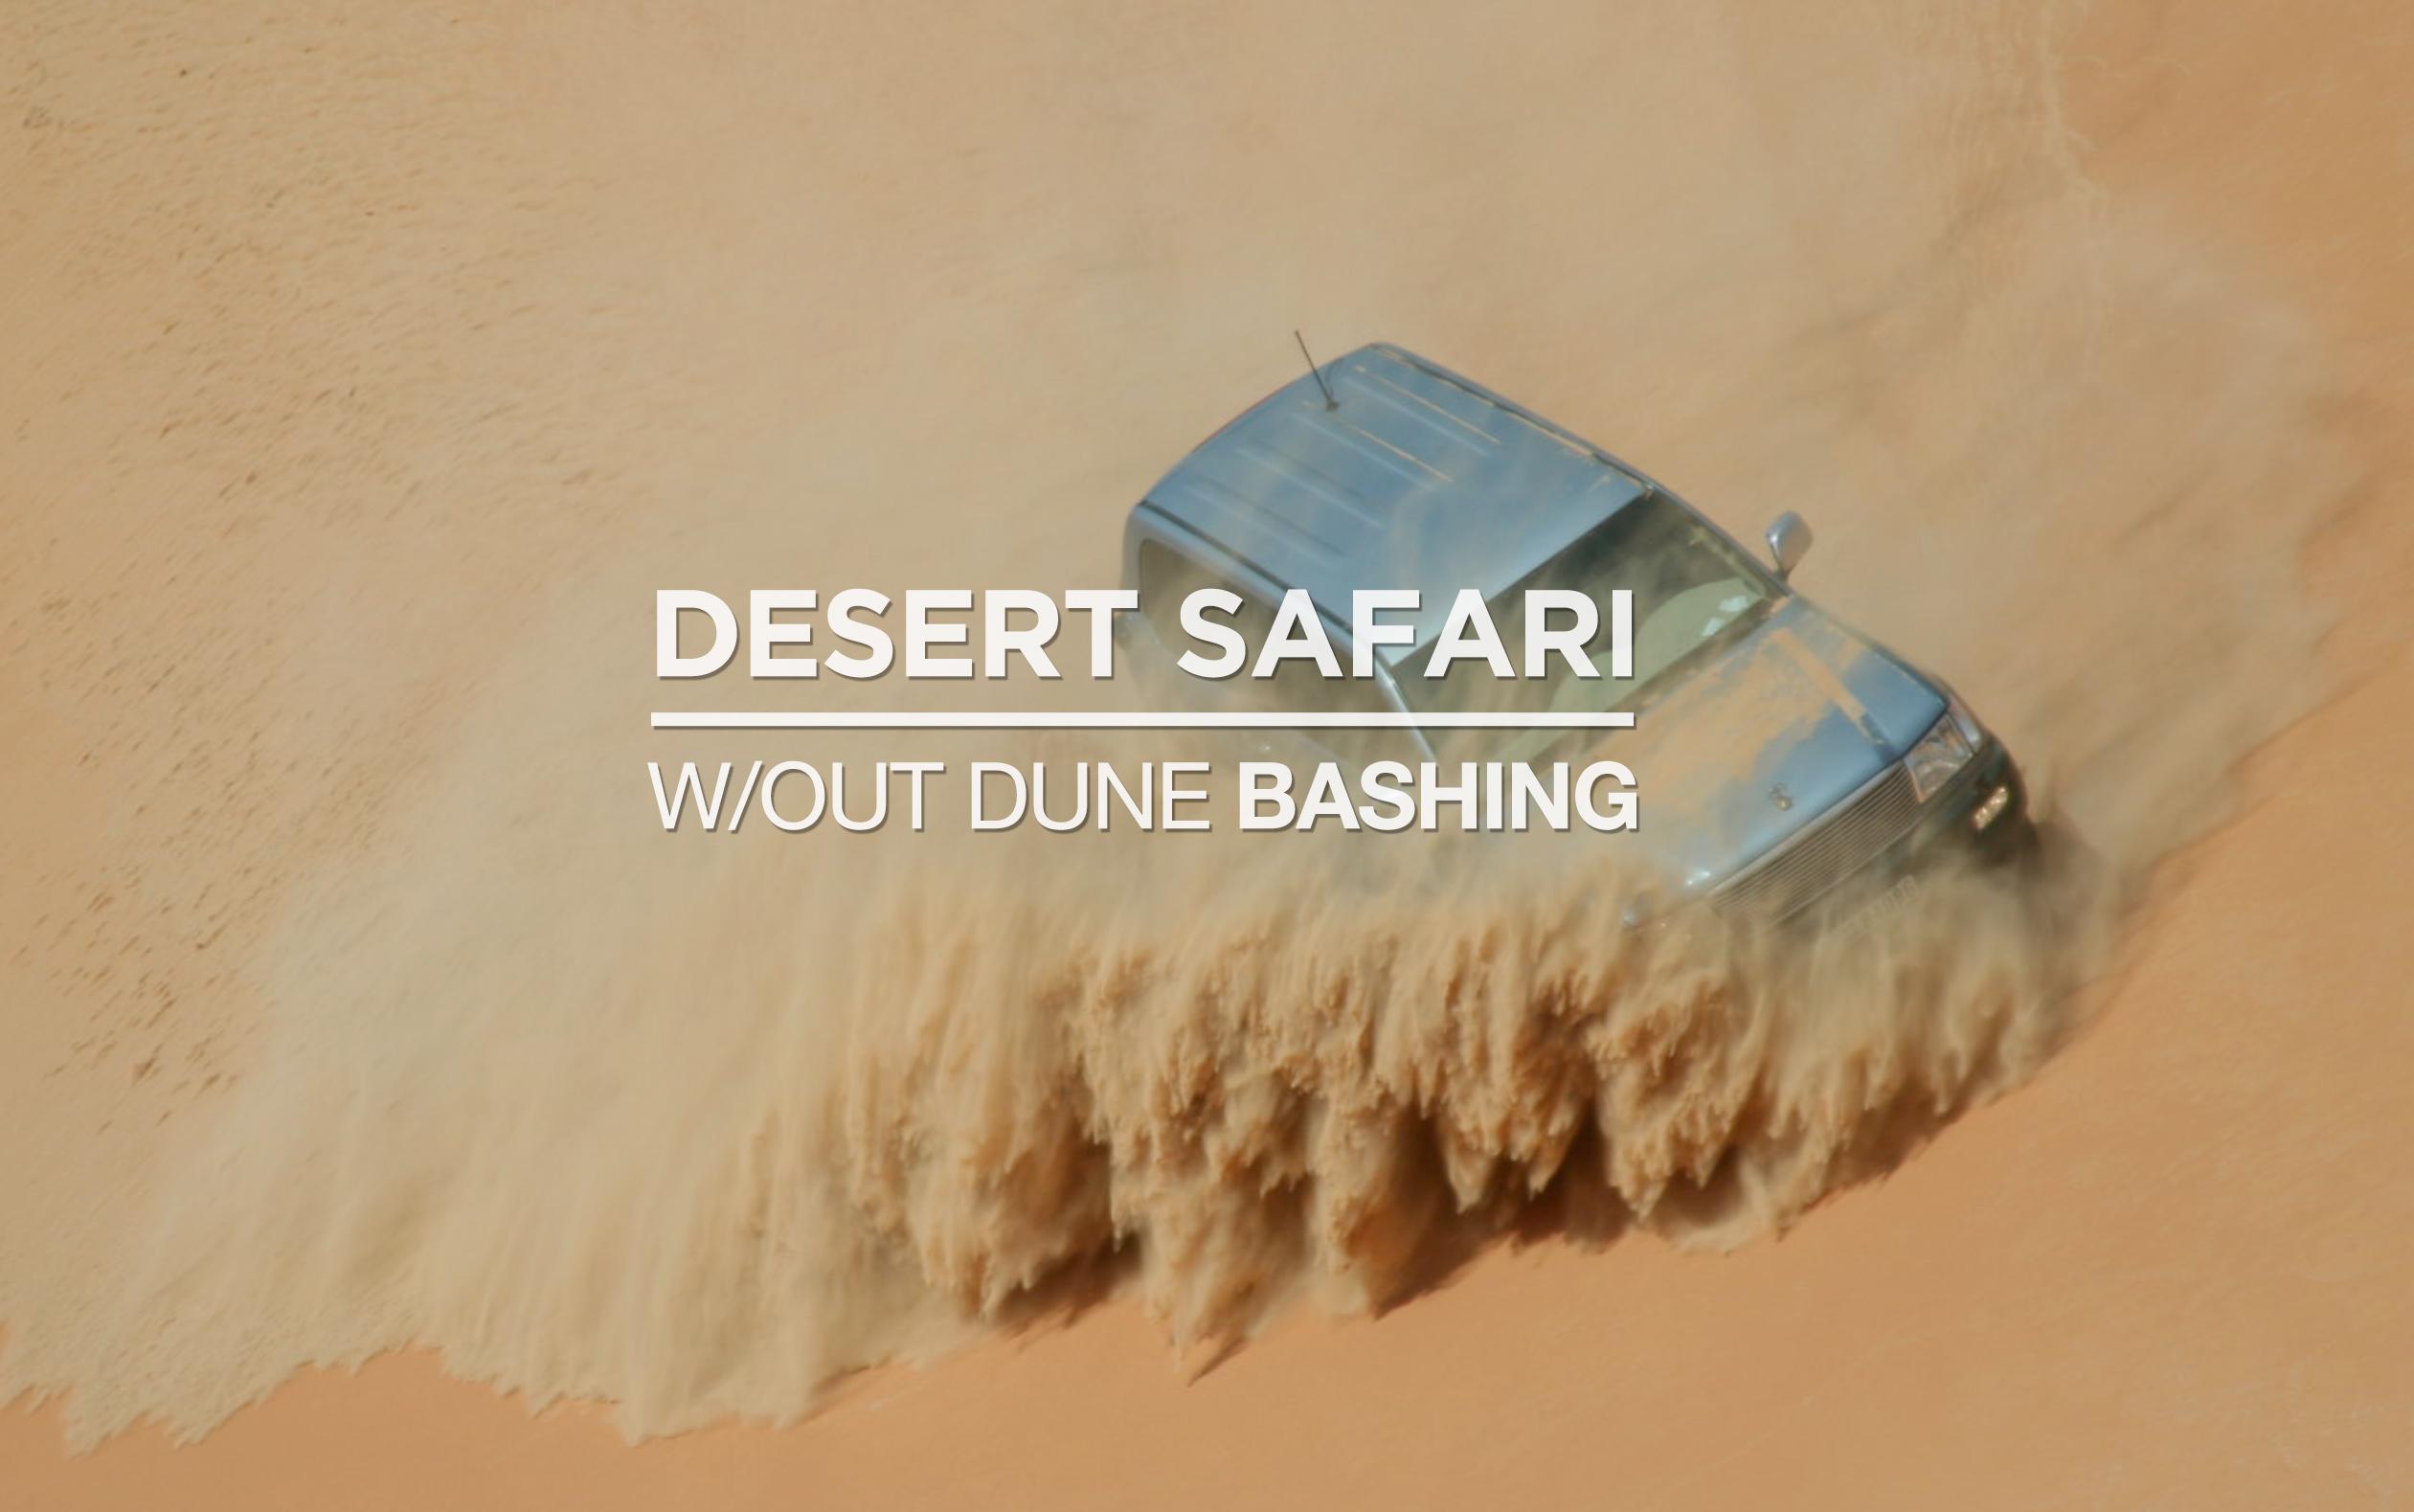 Dubai Desert Safari without Dune Bashing